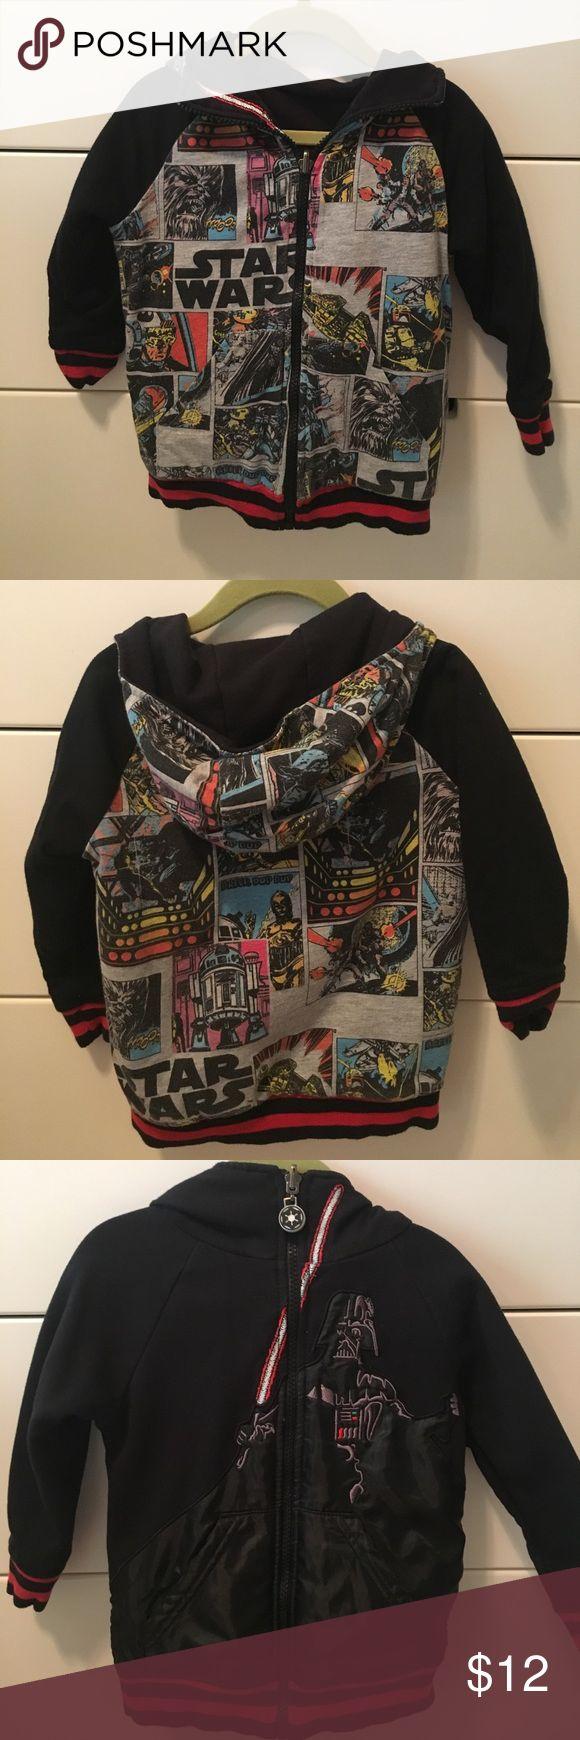 Reversible Star Wars hoodie Reversible Star Wars zip up hoodie.  Size 3.  Minimal wear.  Purchased from Nordstrom Star Wars Shirts & Tops Sweatshirts & Hoodies